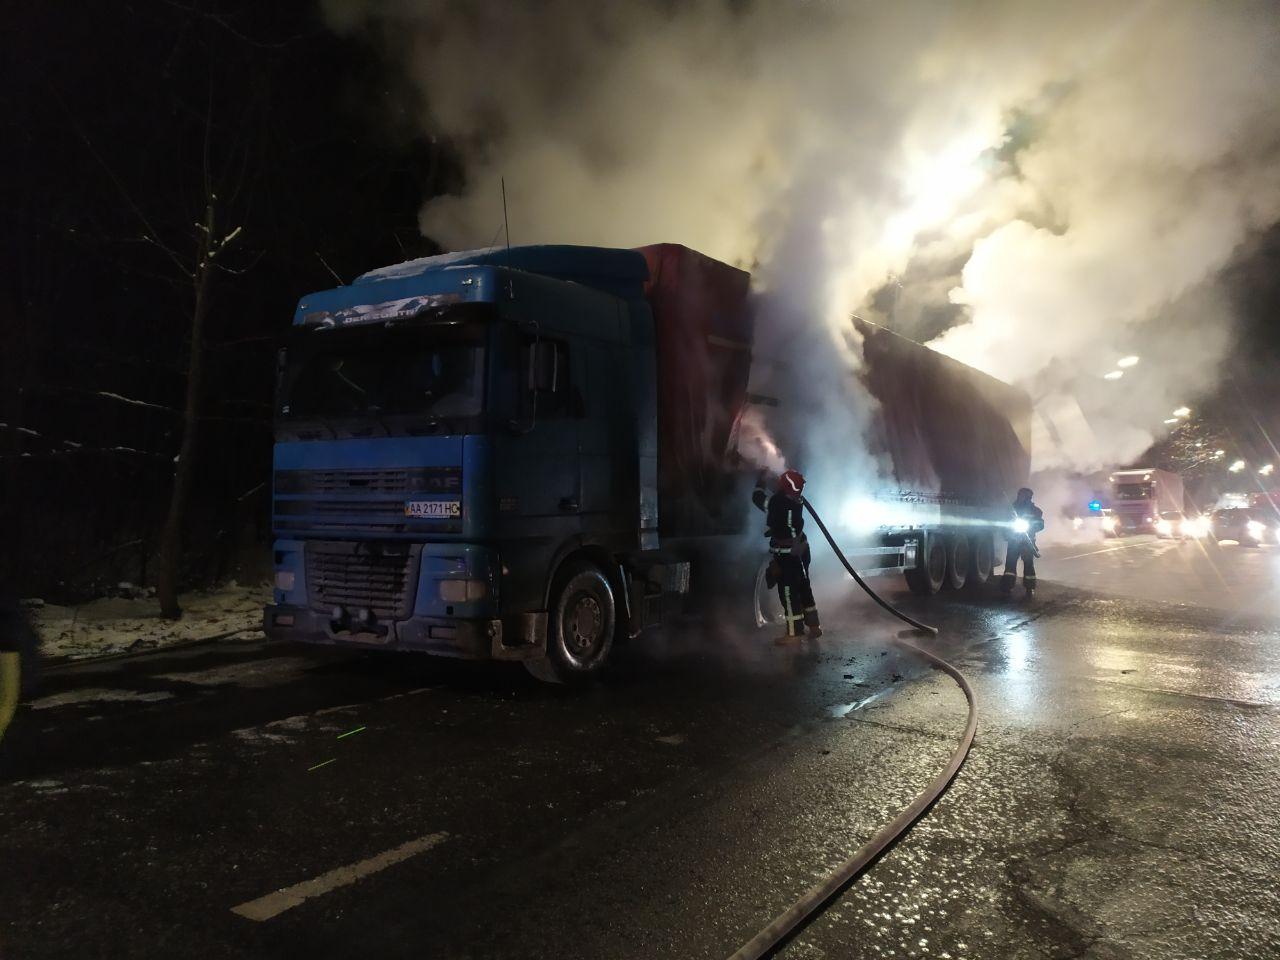 На Гостомельському шосе загорілася вантажівка - загоряння, Гостомельське шосе, вантажівка - photo5202068211892334918 1